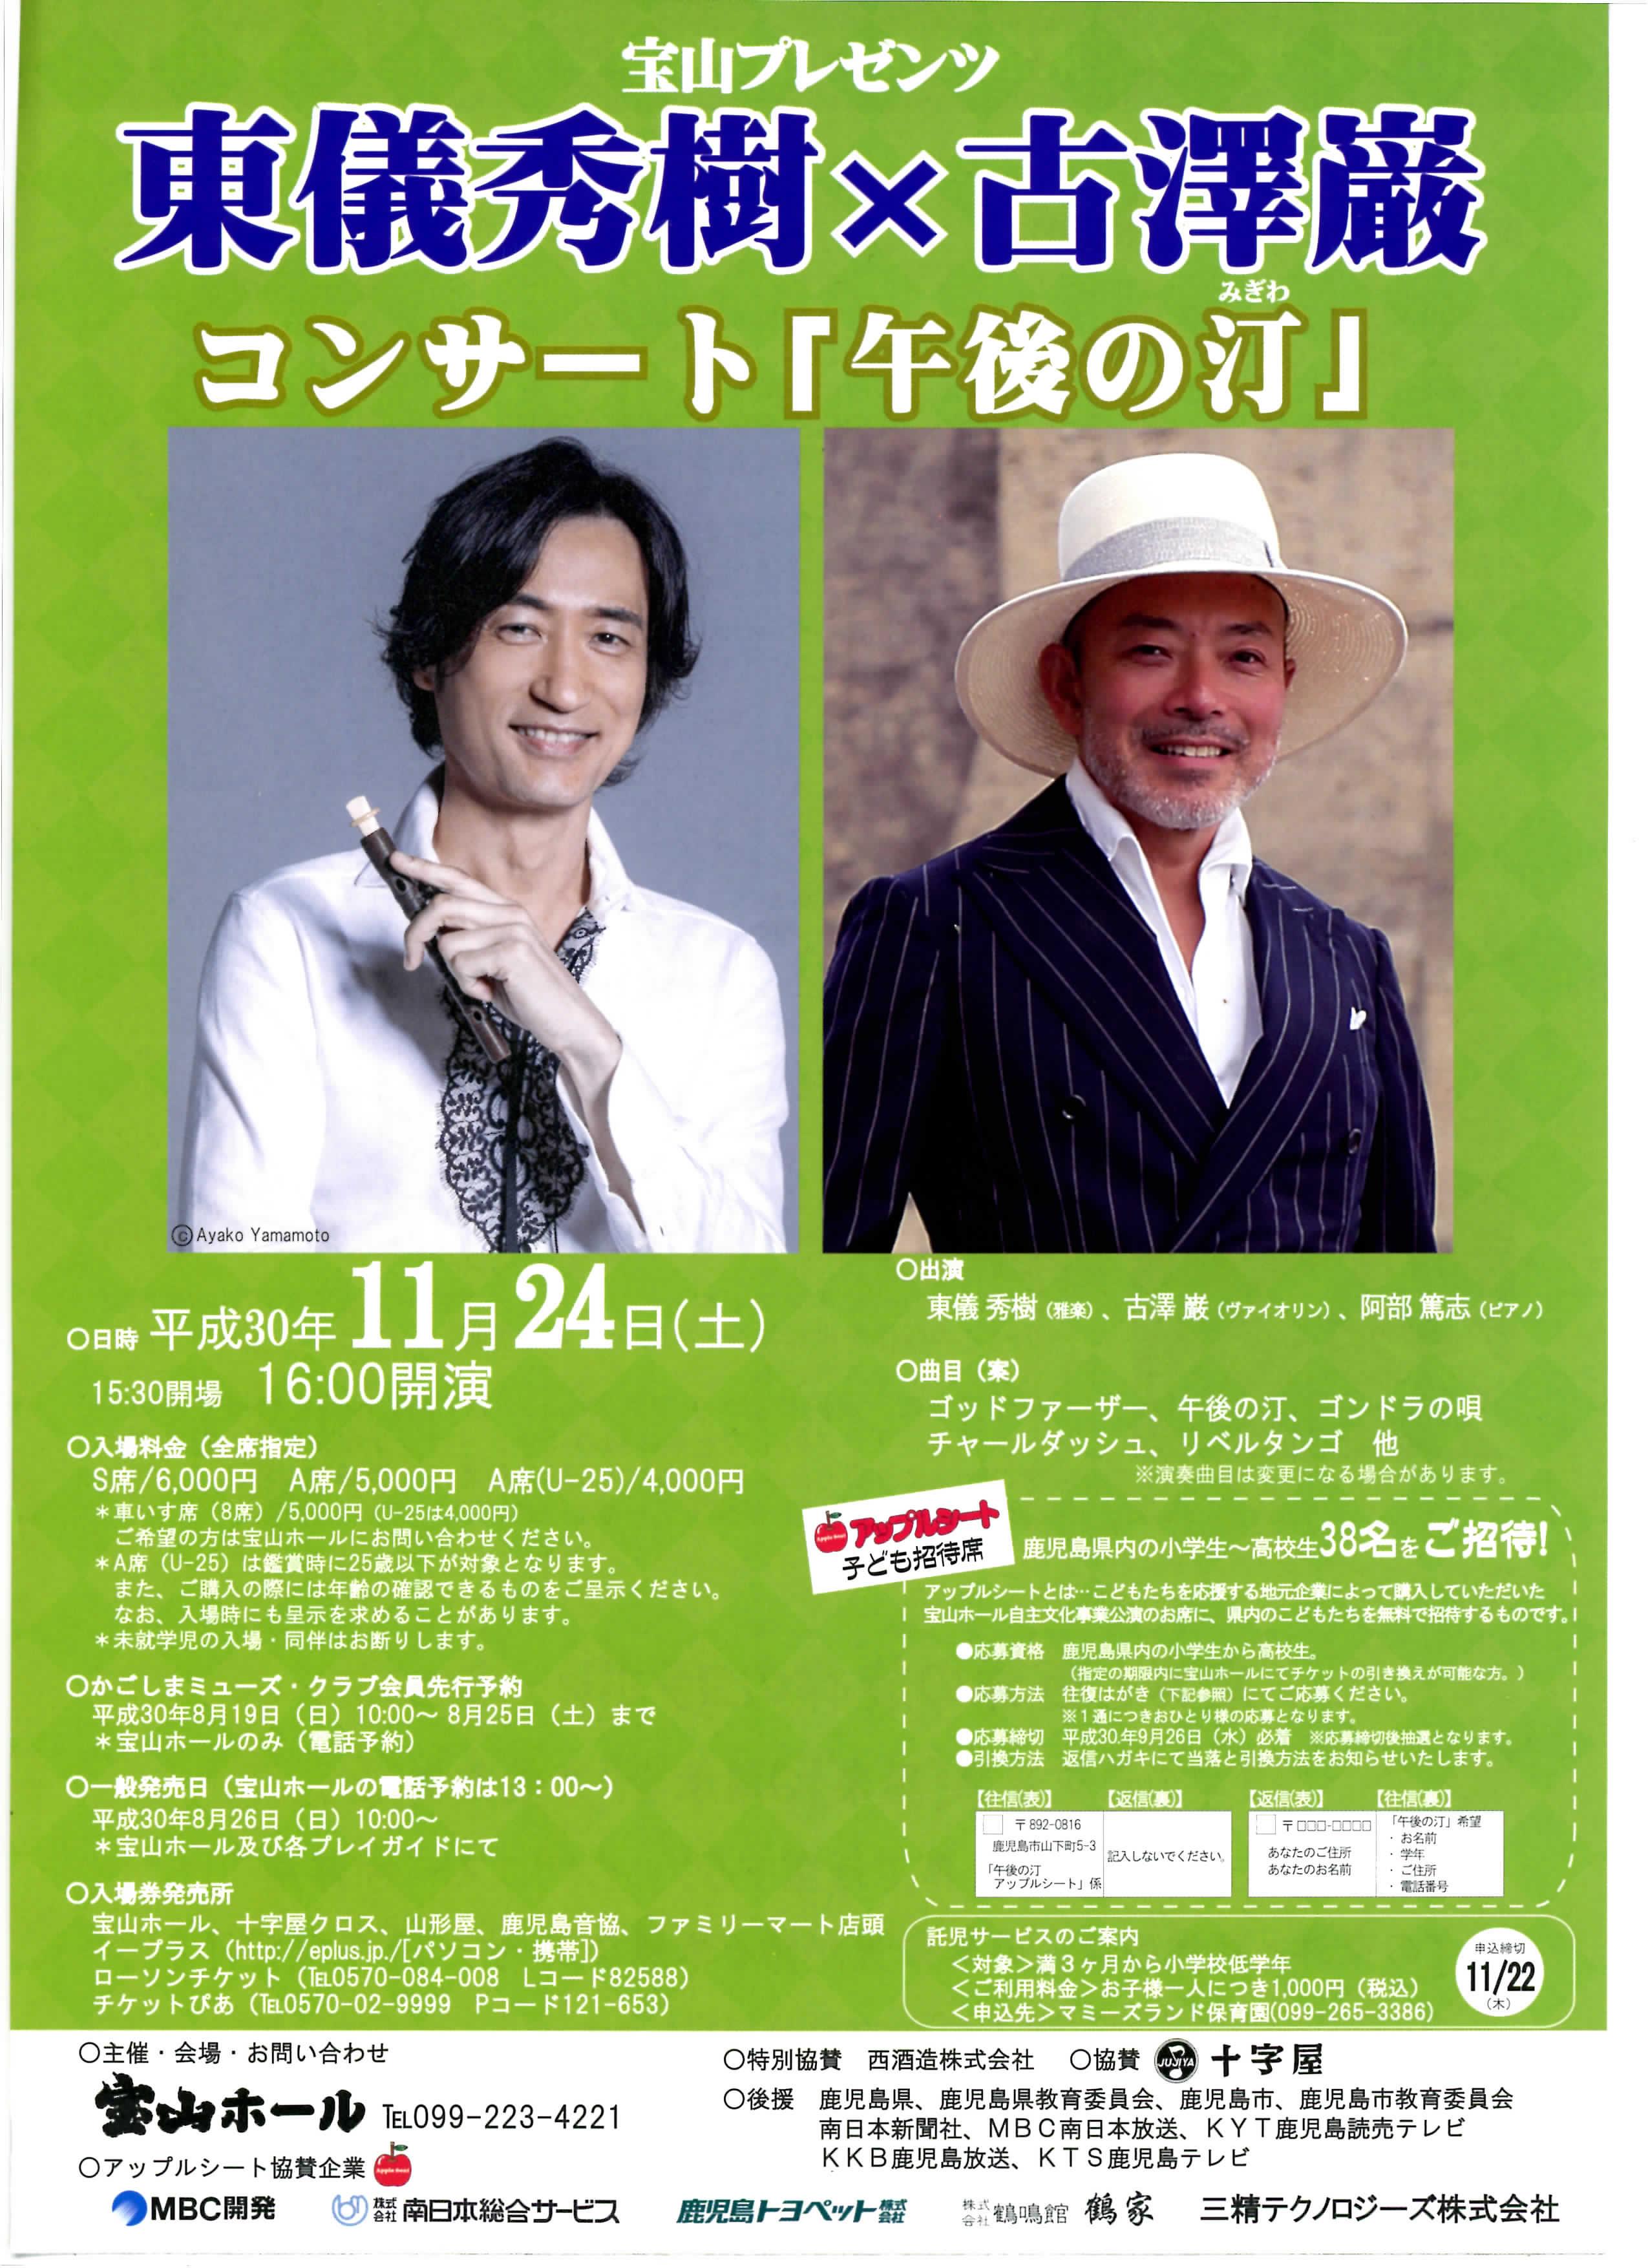 宝山プレゼンツ 東儀秀樹×古澤巌 コンサート「午後の汀」